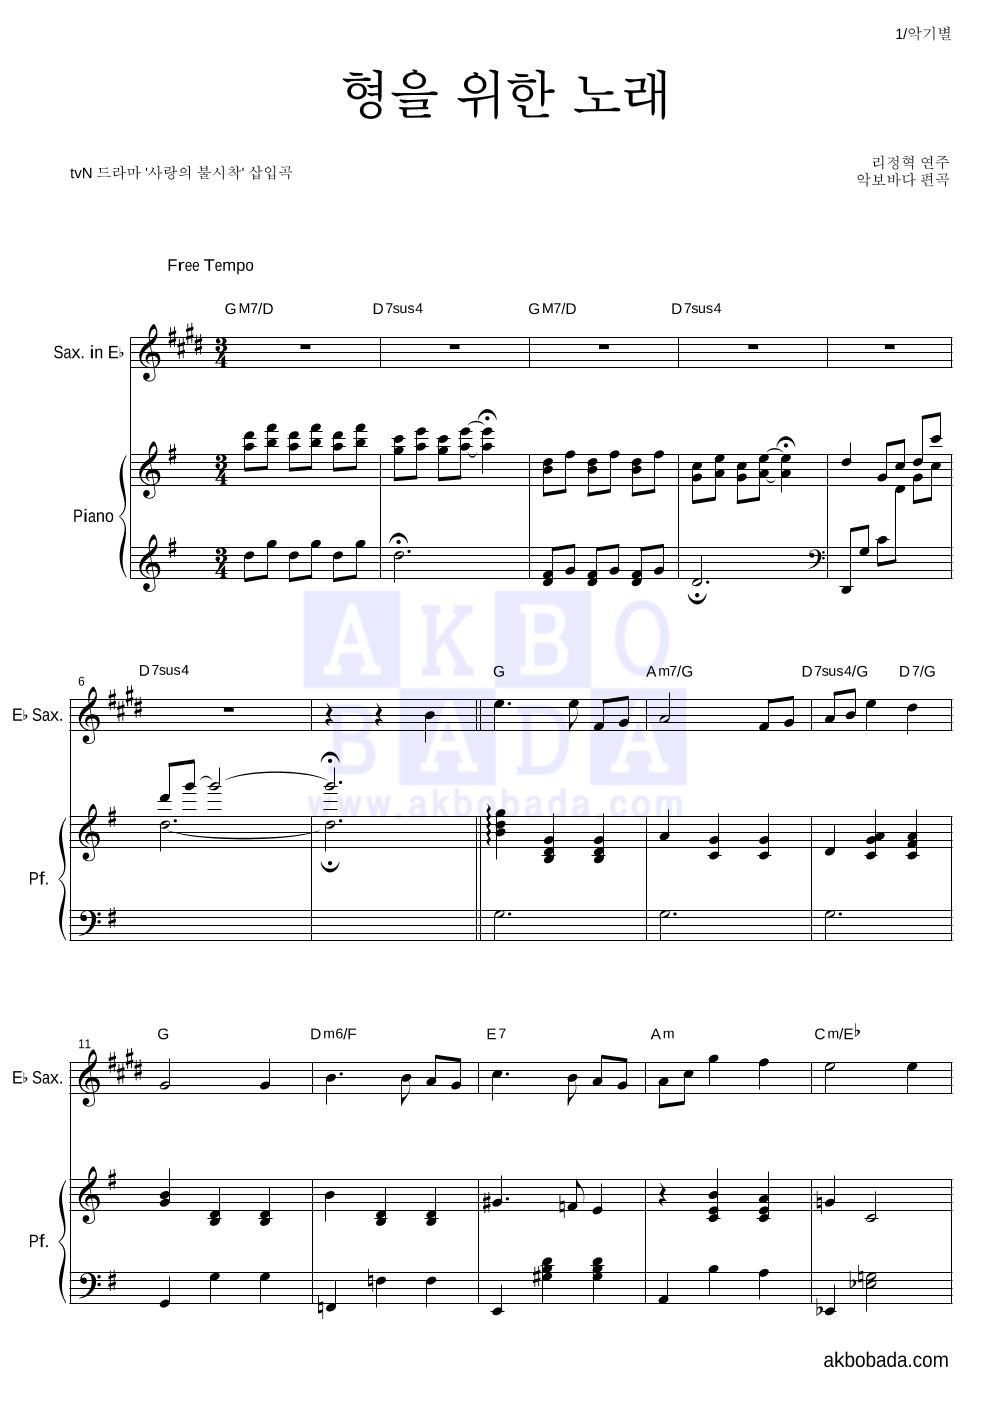 사랑의 불시착 OST - 형을 위한 노래(리정혁 피아노 연주곡) Eb색소폰&피아노 악보